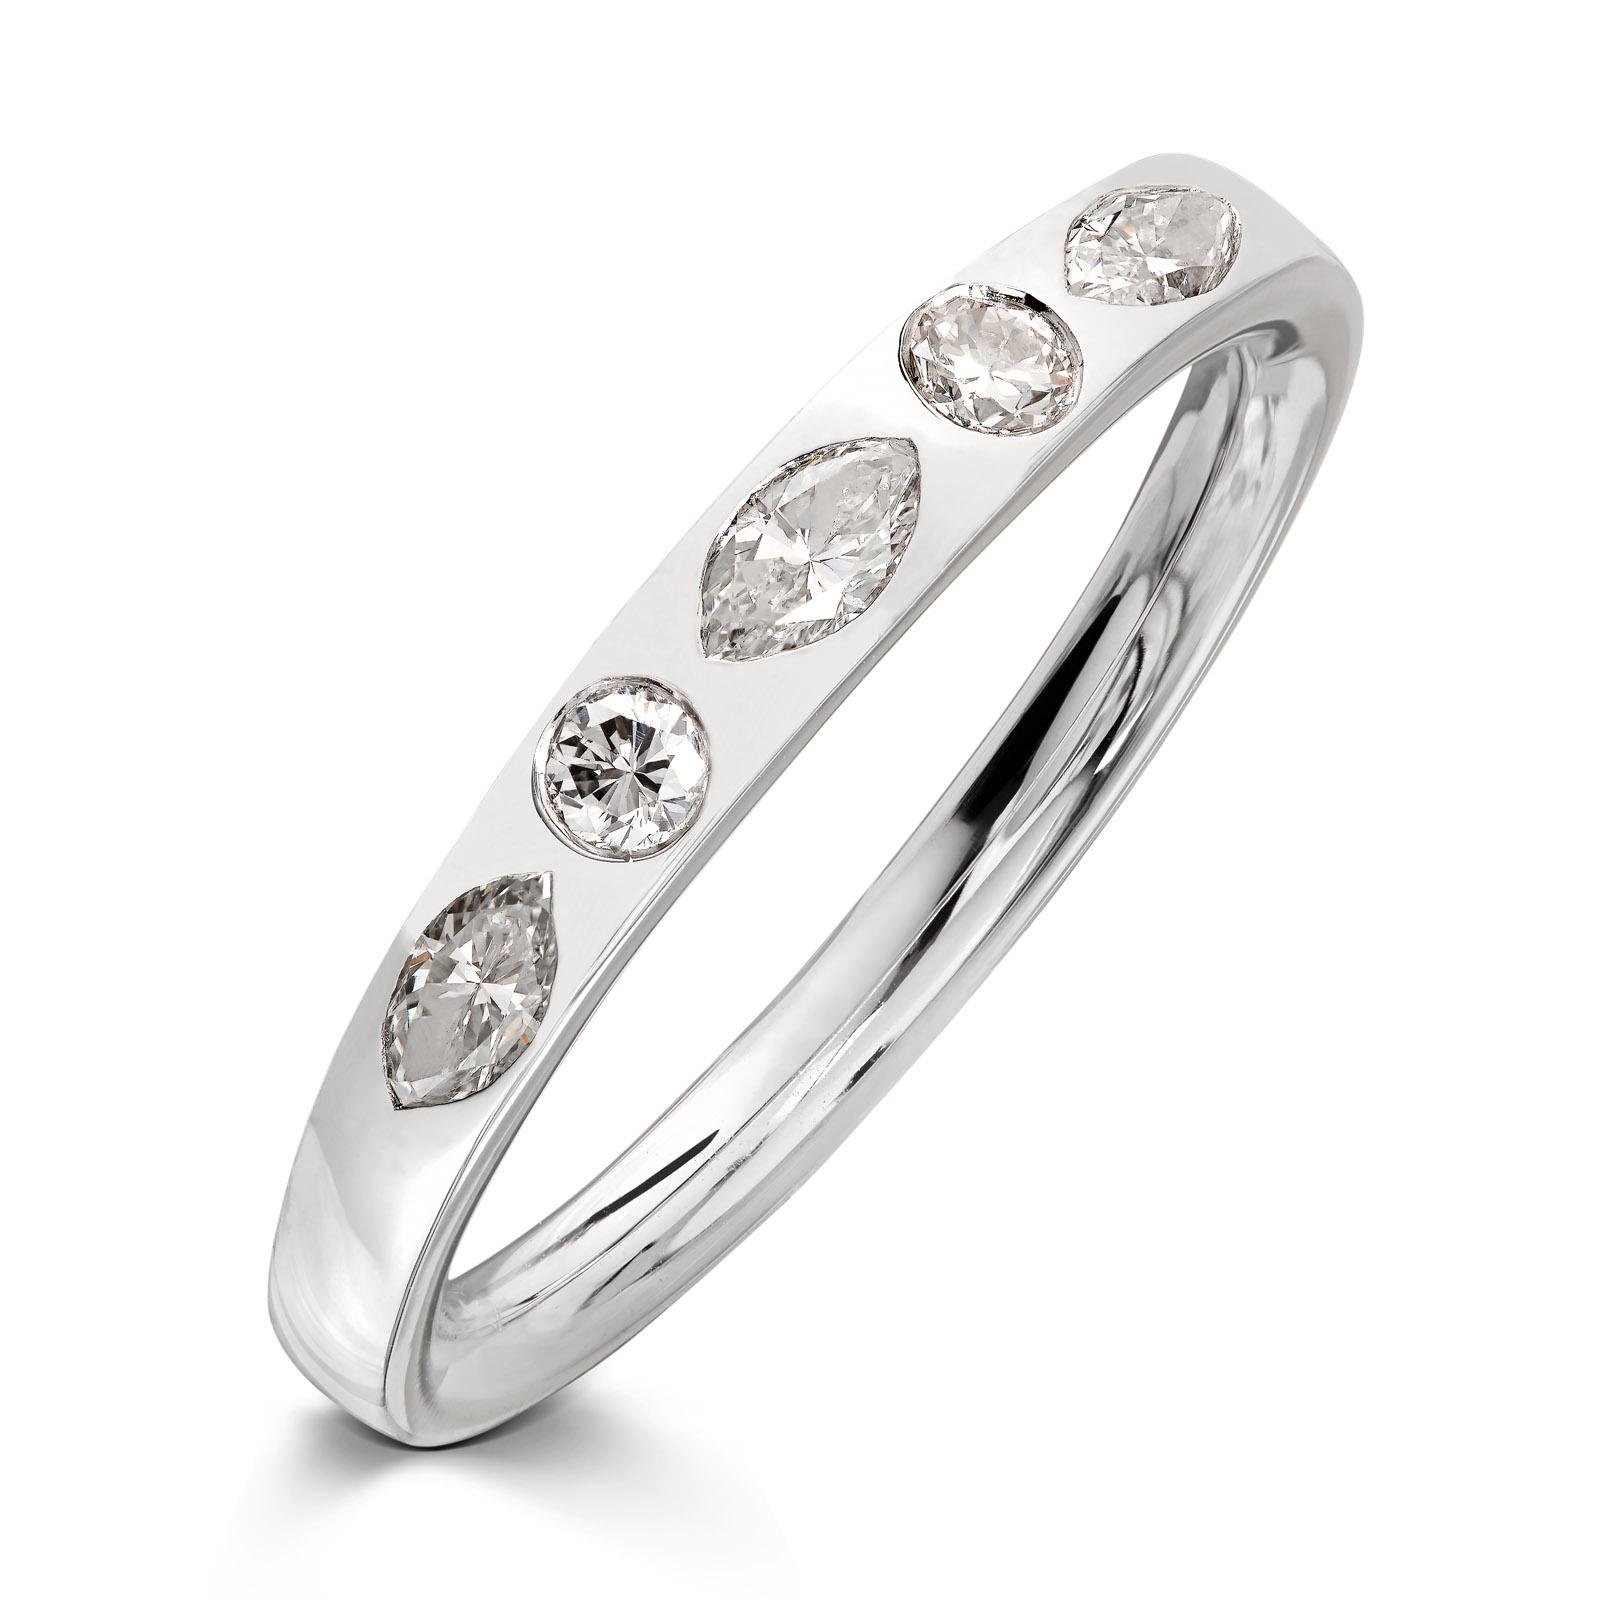 Mestergull Enkel ring i hvitt gull 585 utviklet med gjenbruk av kundens gamle diamanter. Ringen er innvendig buet for god komfort på fingeren DESIGN STUDIO Spesialdesign Ring